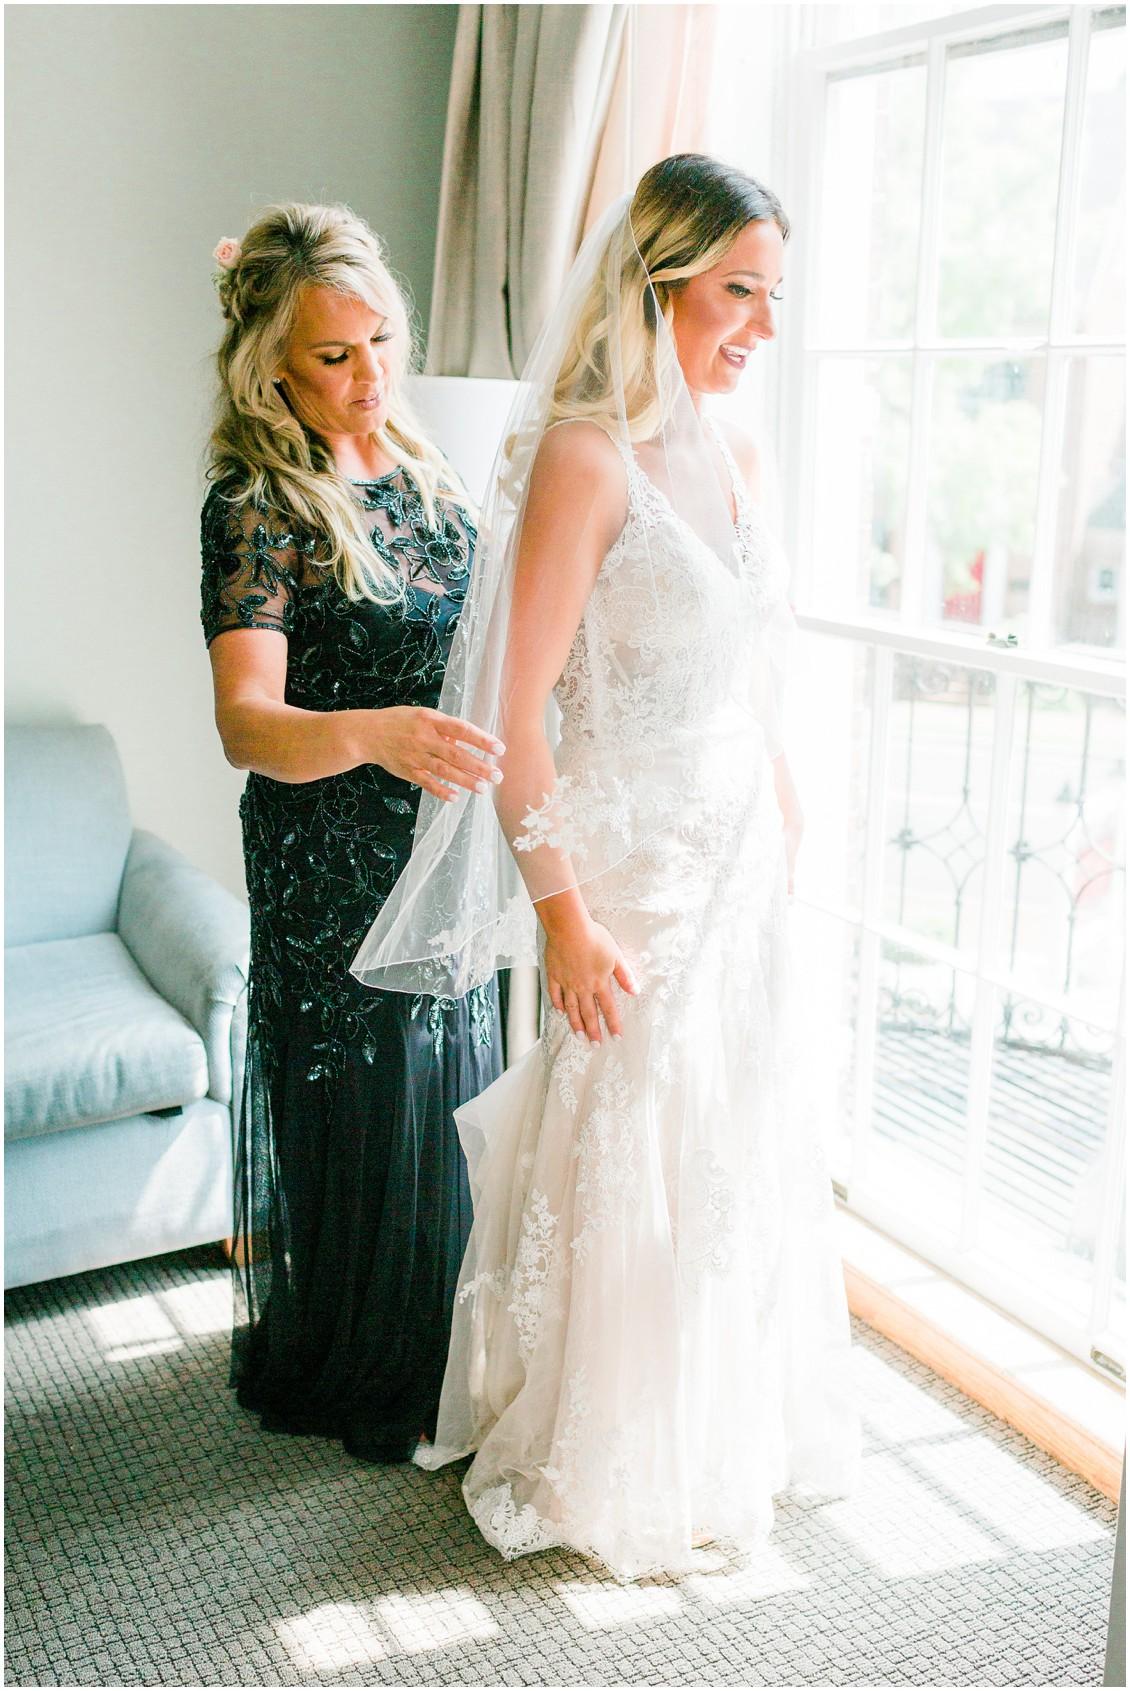 Posh Bridal MD wedding dress | Bride getting ready with mother | My Eastern Shore Wedding |